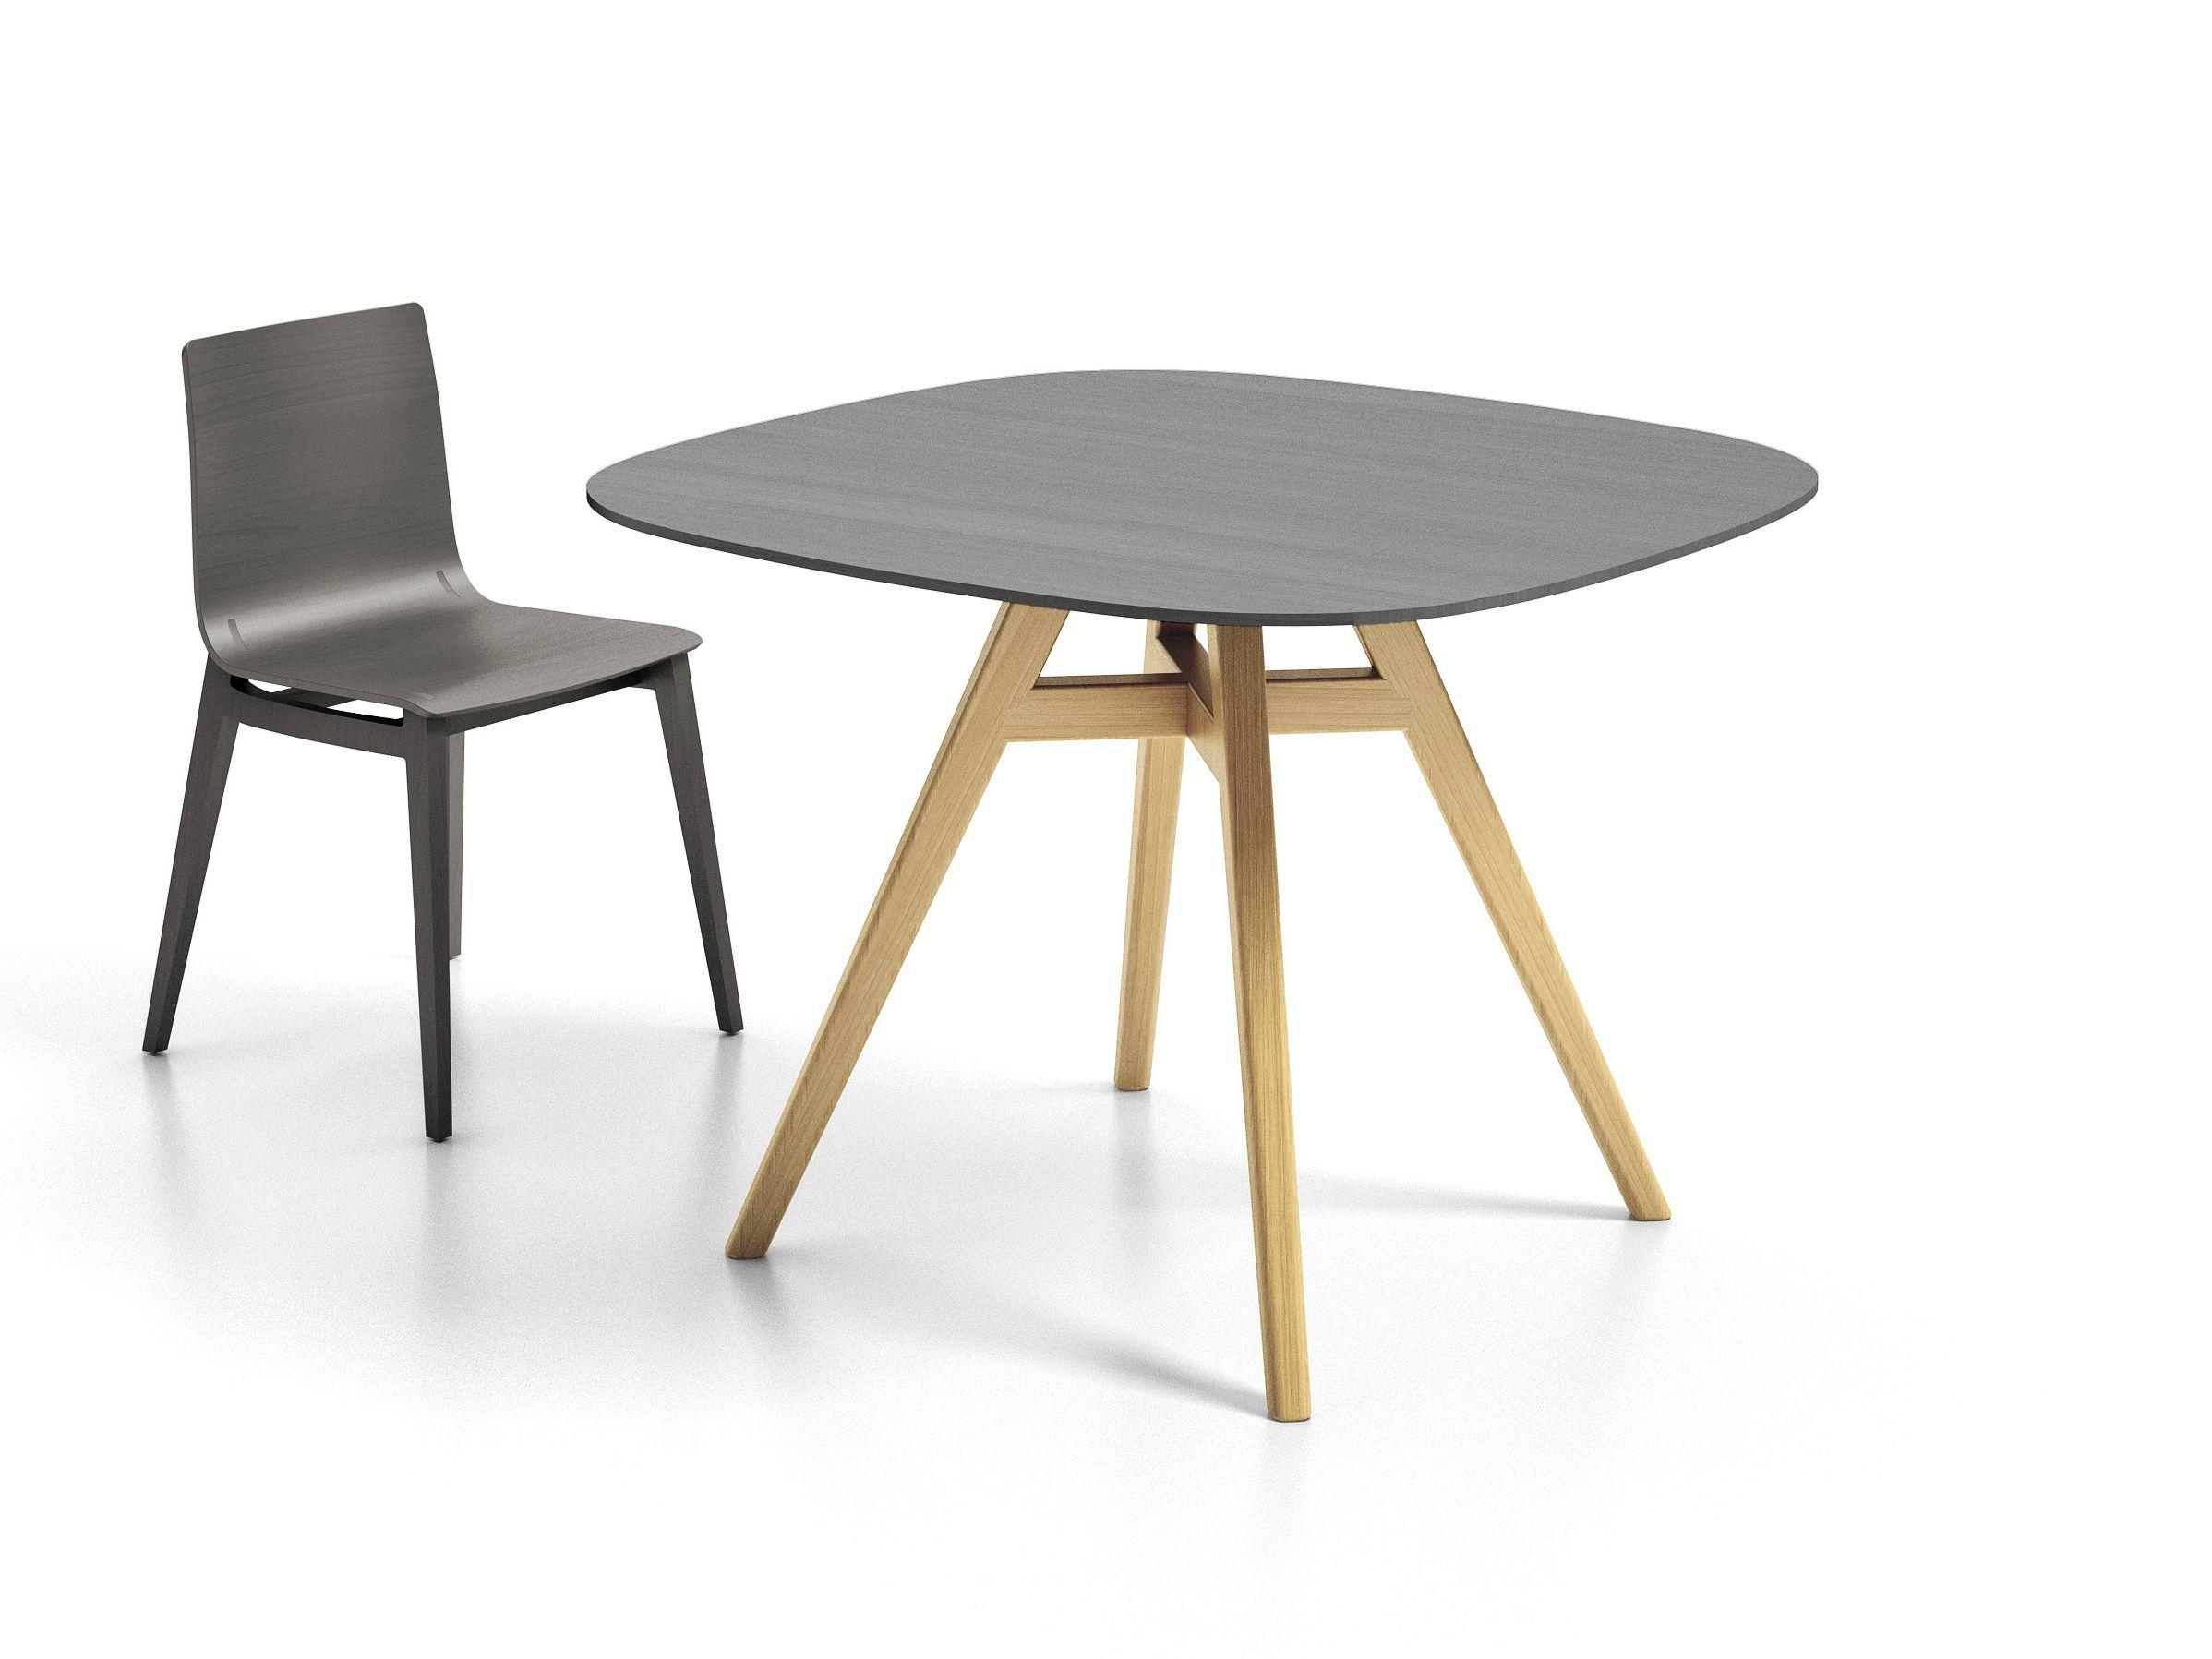 Pouf Poggiapiedi Girevole Beetle Infiniti Design : Sedia in legno emma infiniti by omp group